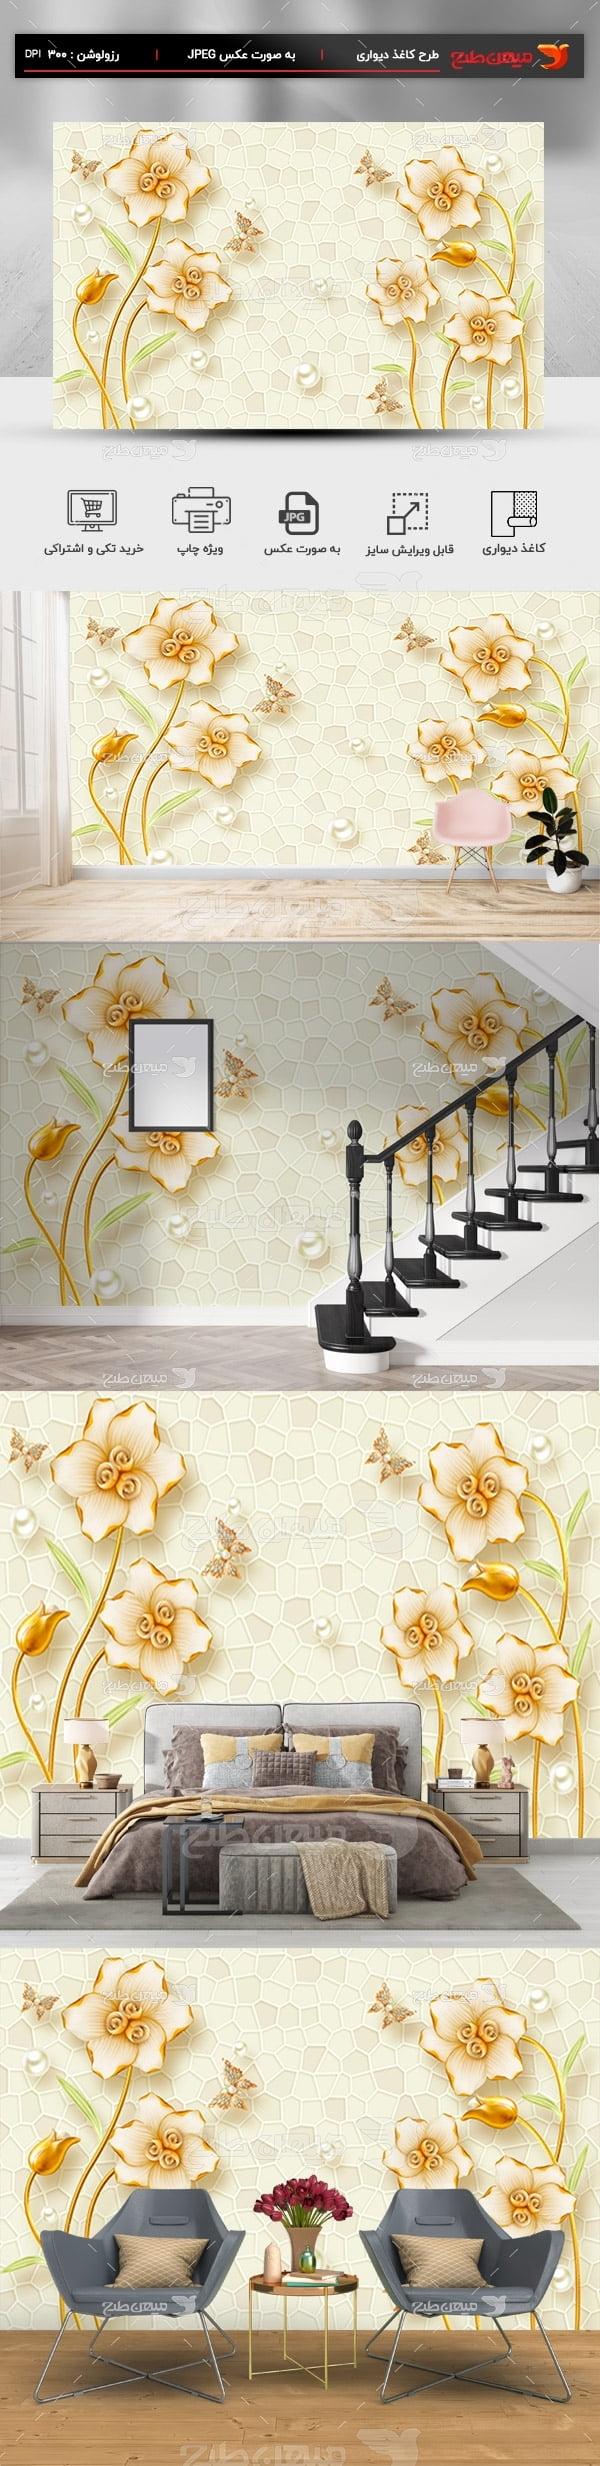 پوستر کاغذ دیواری سه بعدی لیمویی با گل طلایی